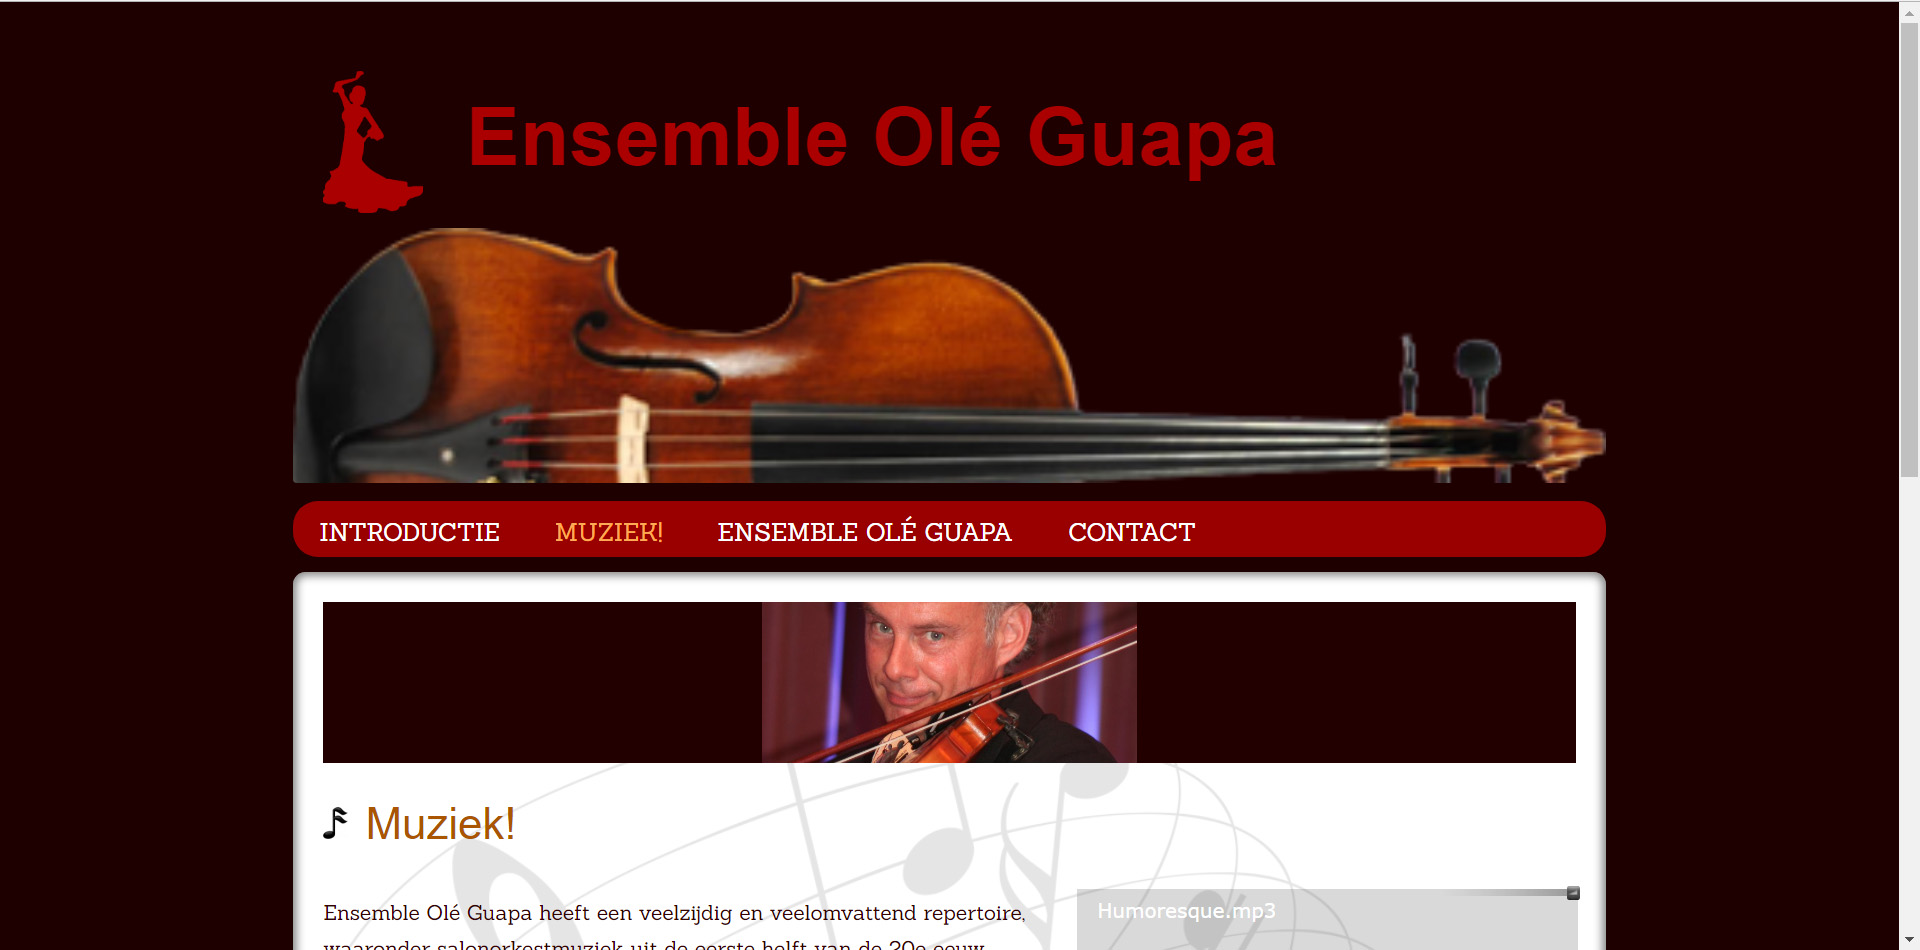 Ensemble Olé Guapa